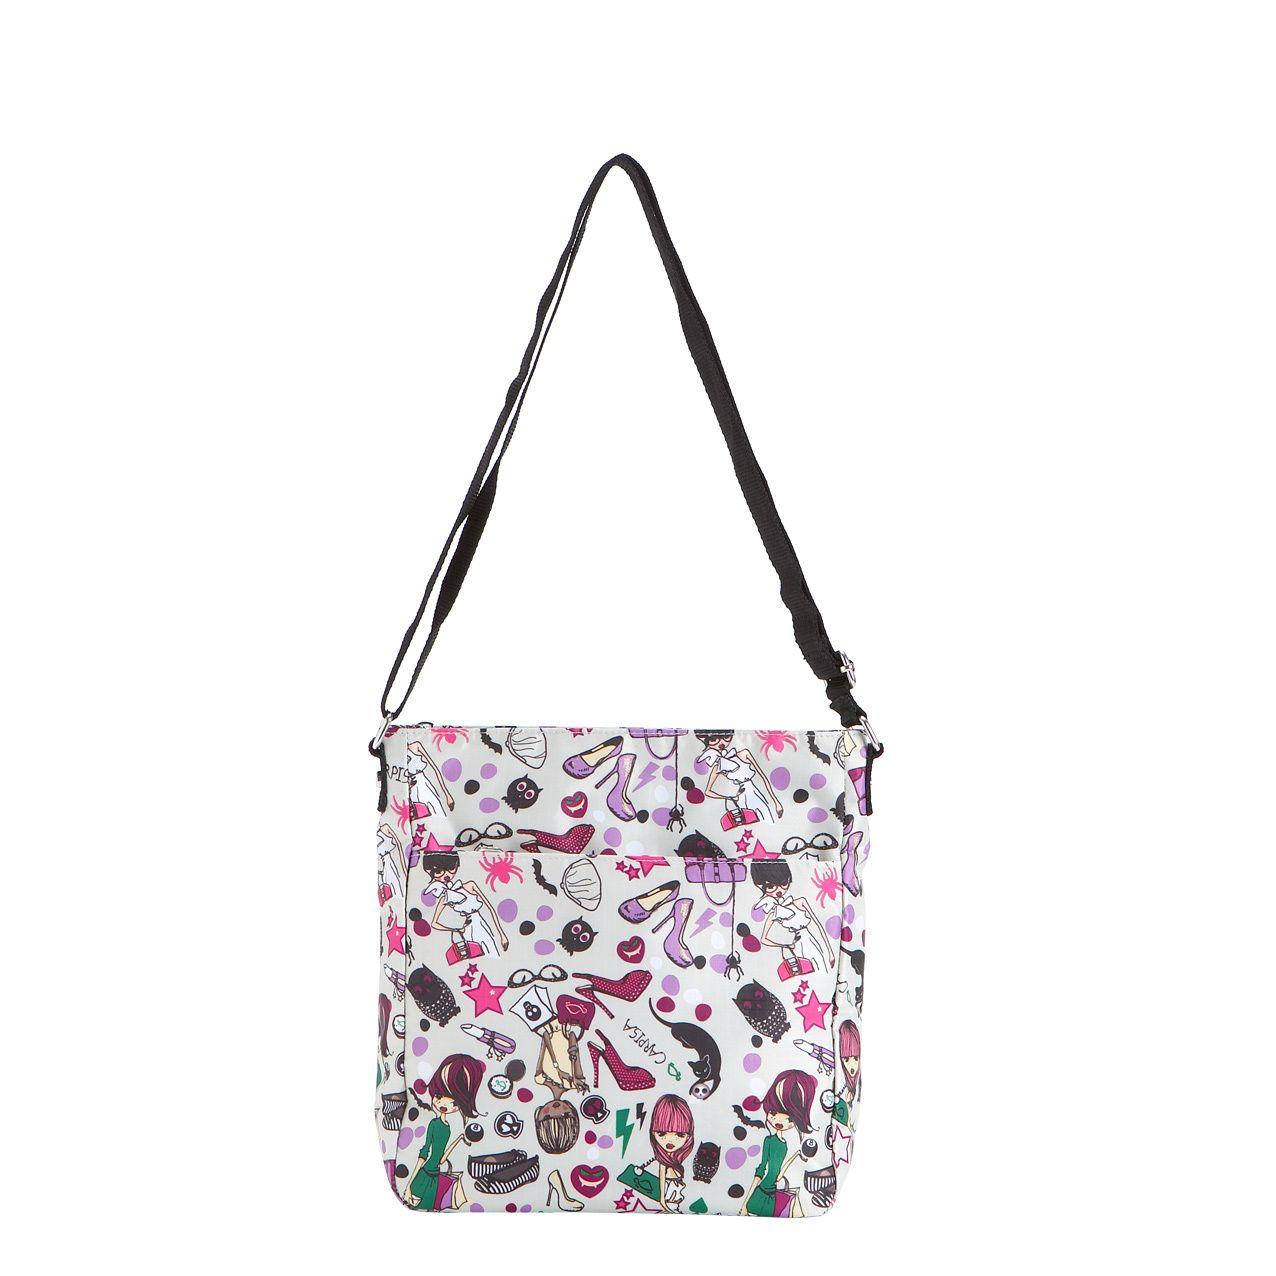 carpisa shop bags clelia shoulder bag